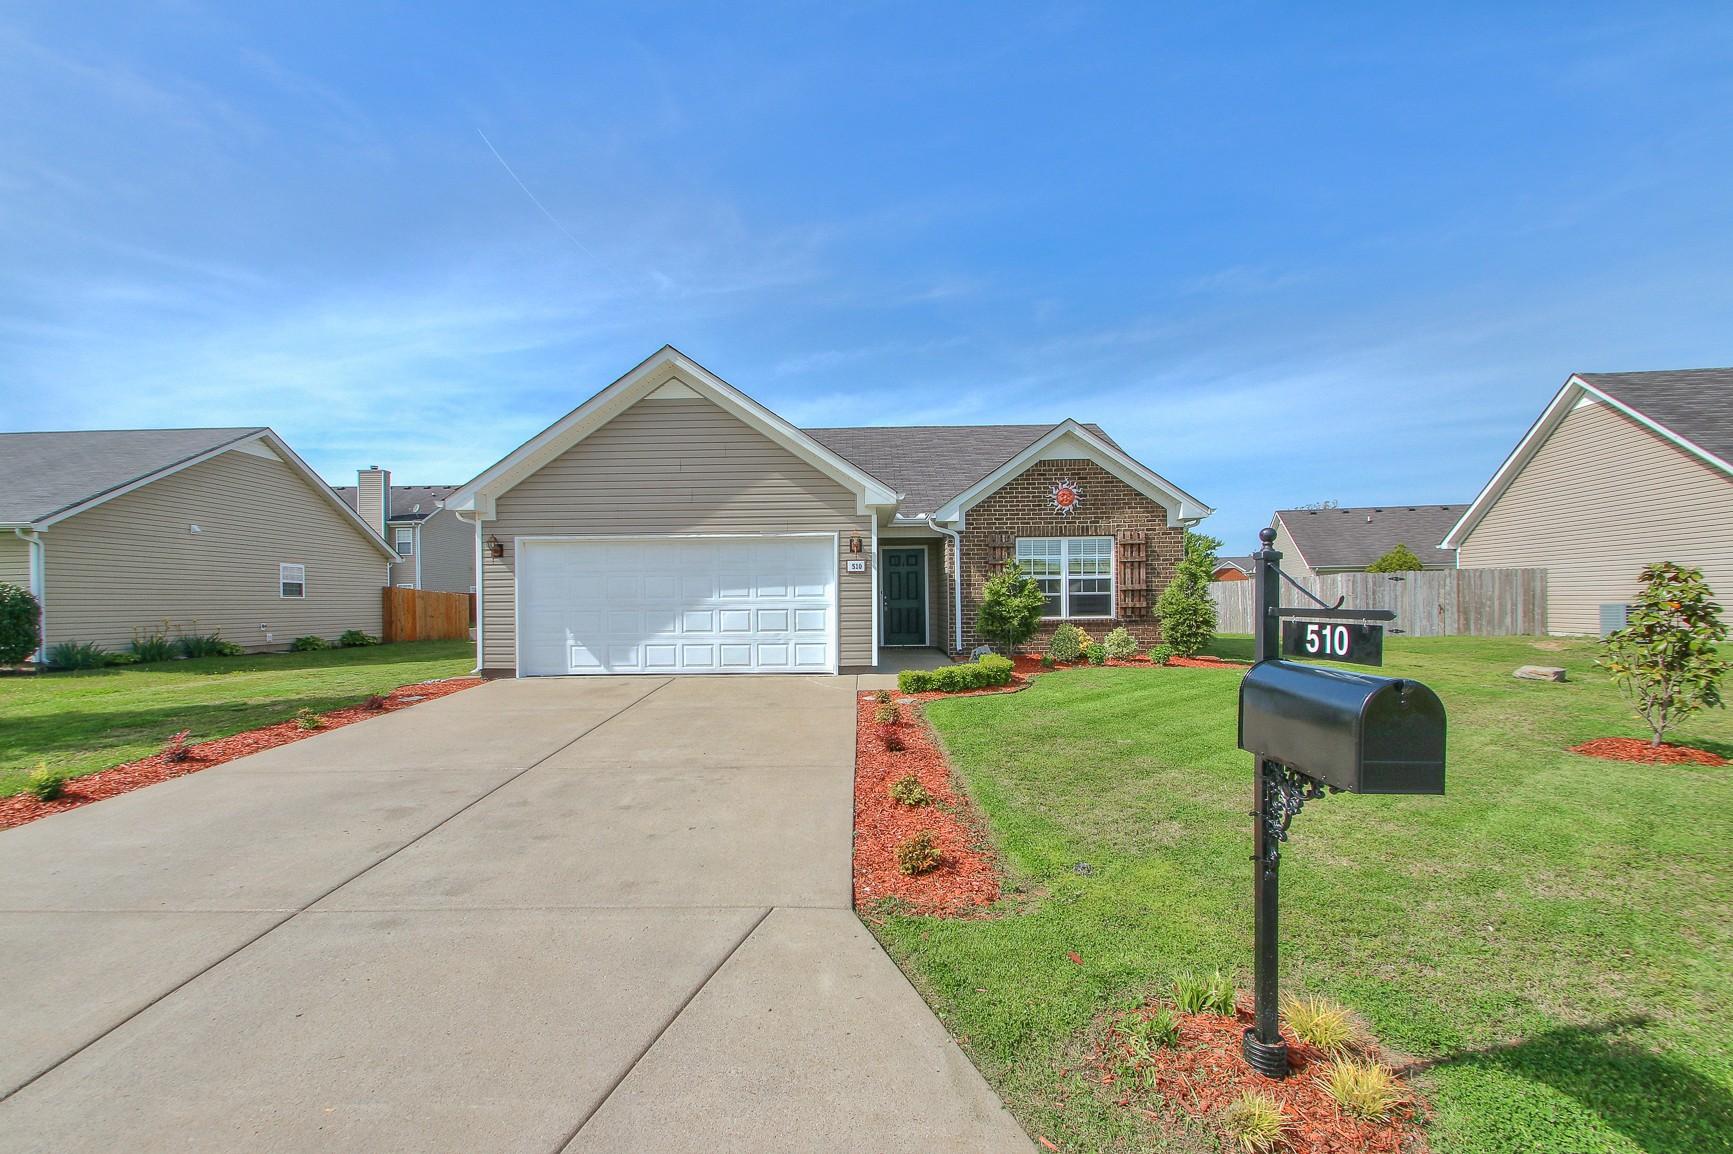 Belmont Sec 2 Ph 2 Real Estate Listings Main Image